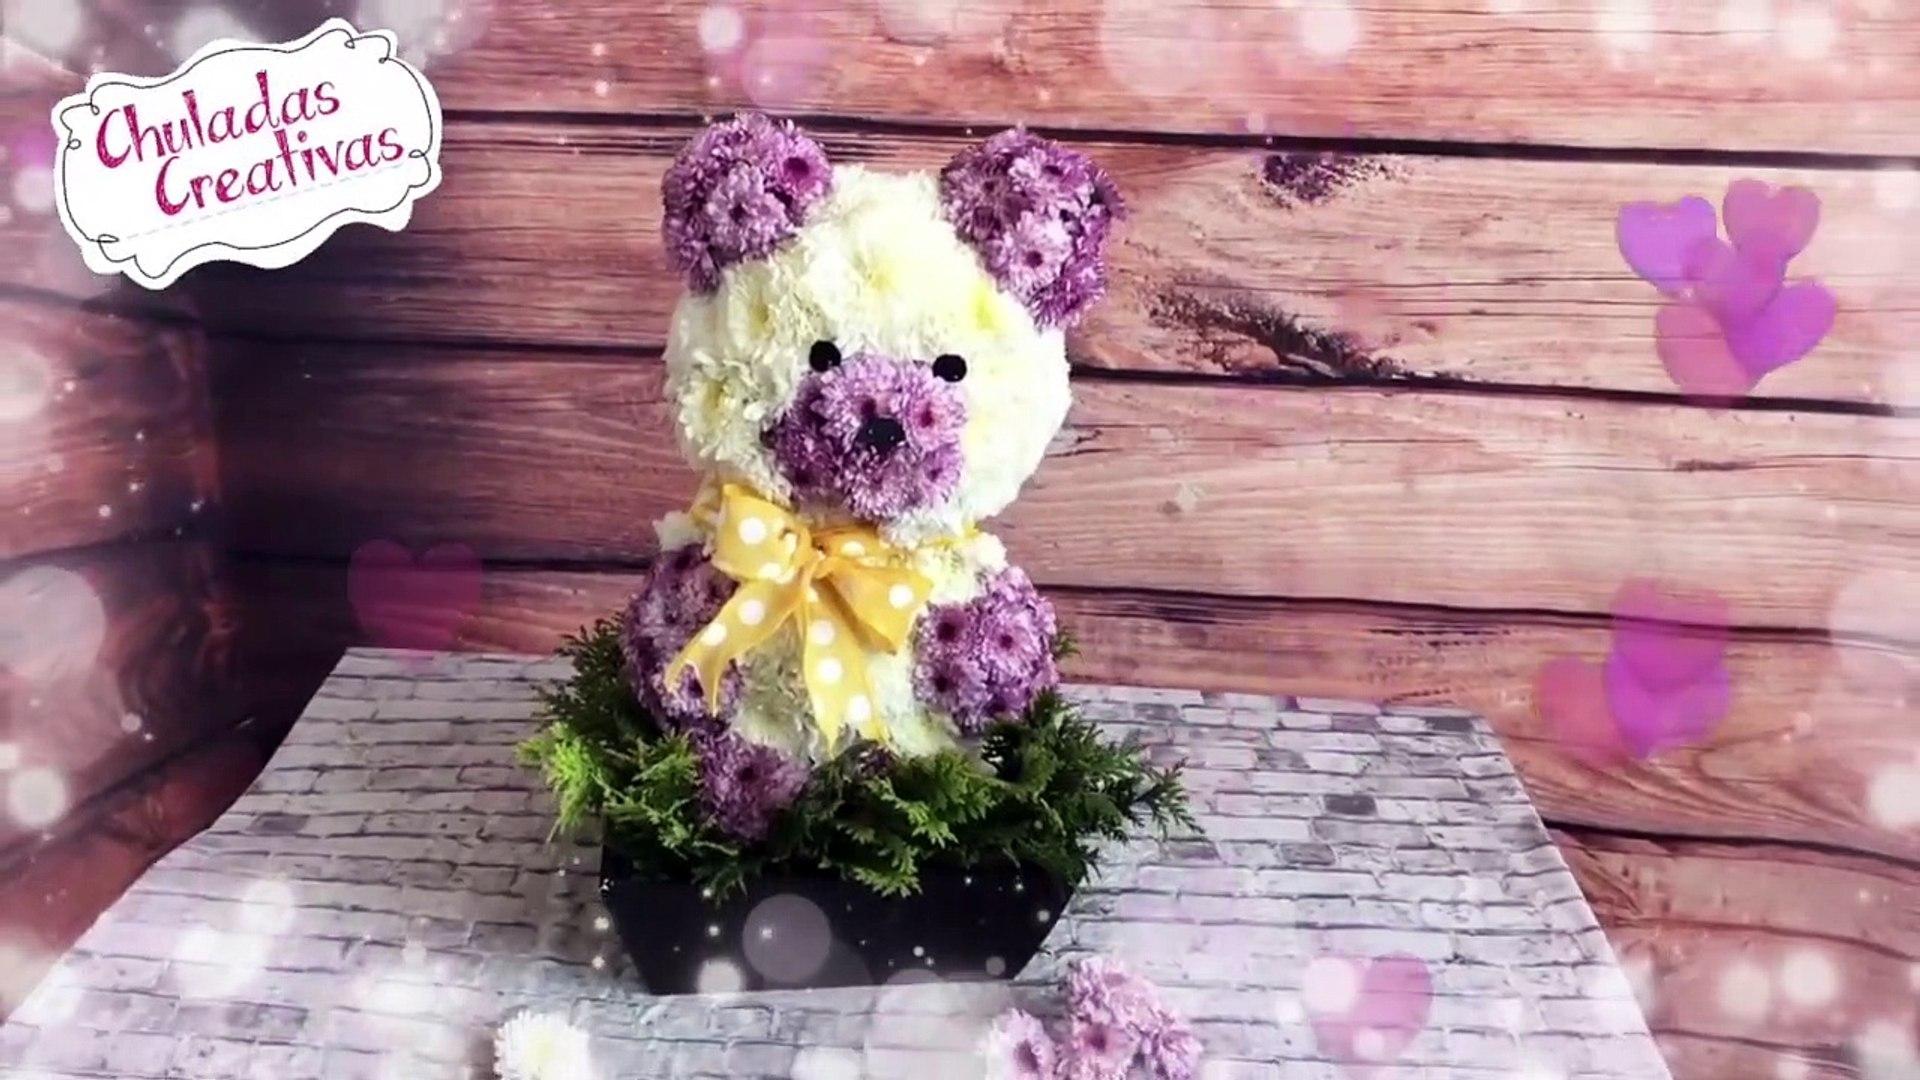 Osito Floral Regalo Especial Para Mamá Arreglo De Flores Chuladas Creativas Margaritas Diy